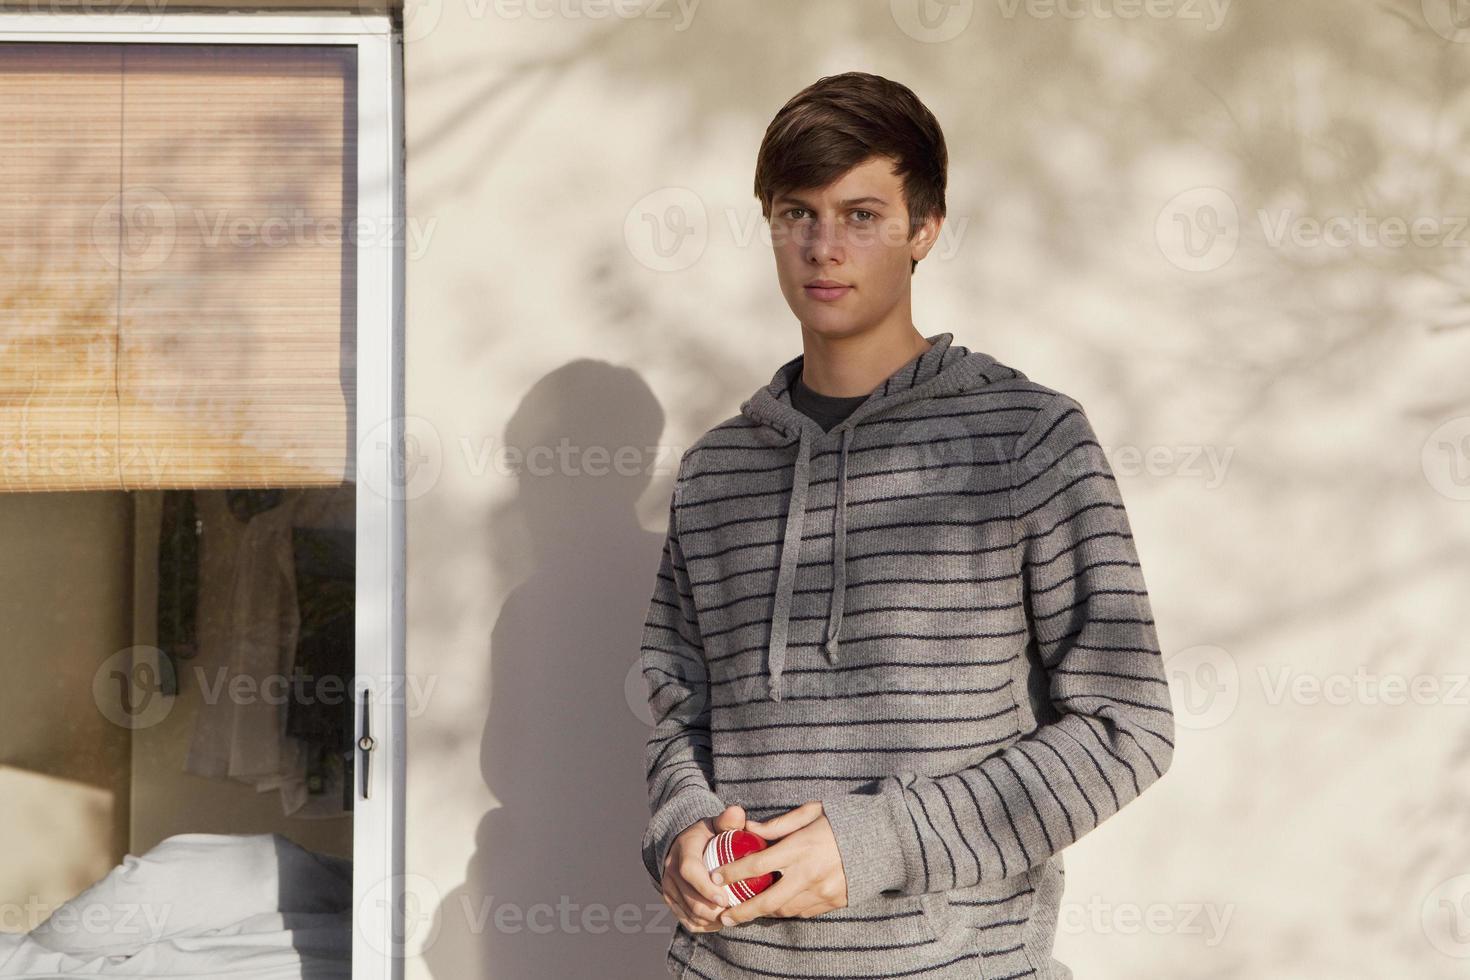 adolescente parado afuera foto